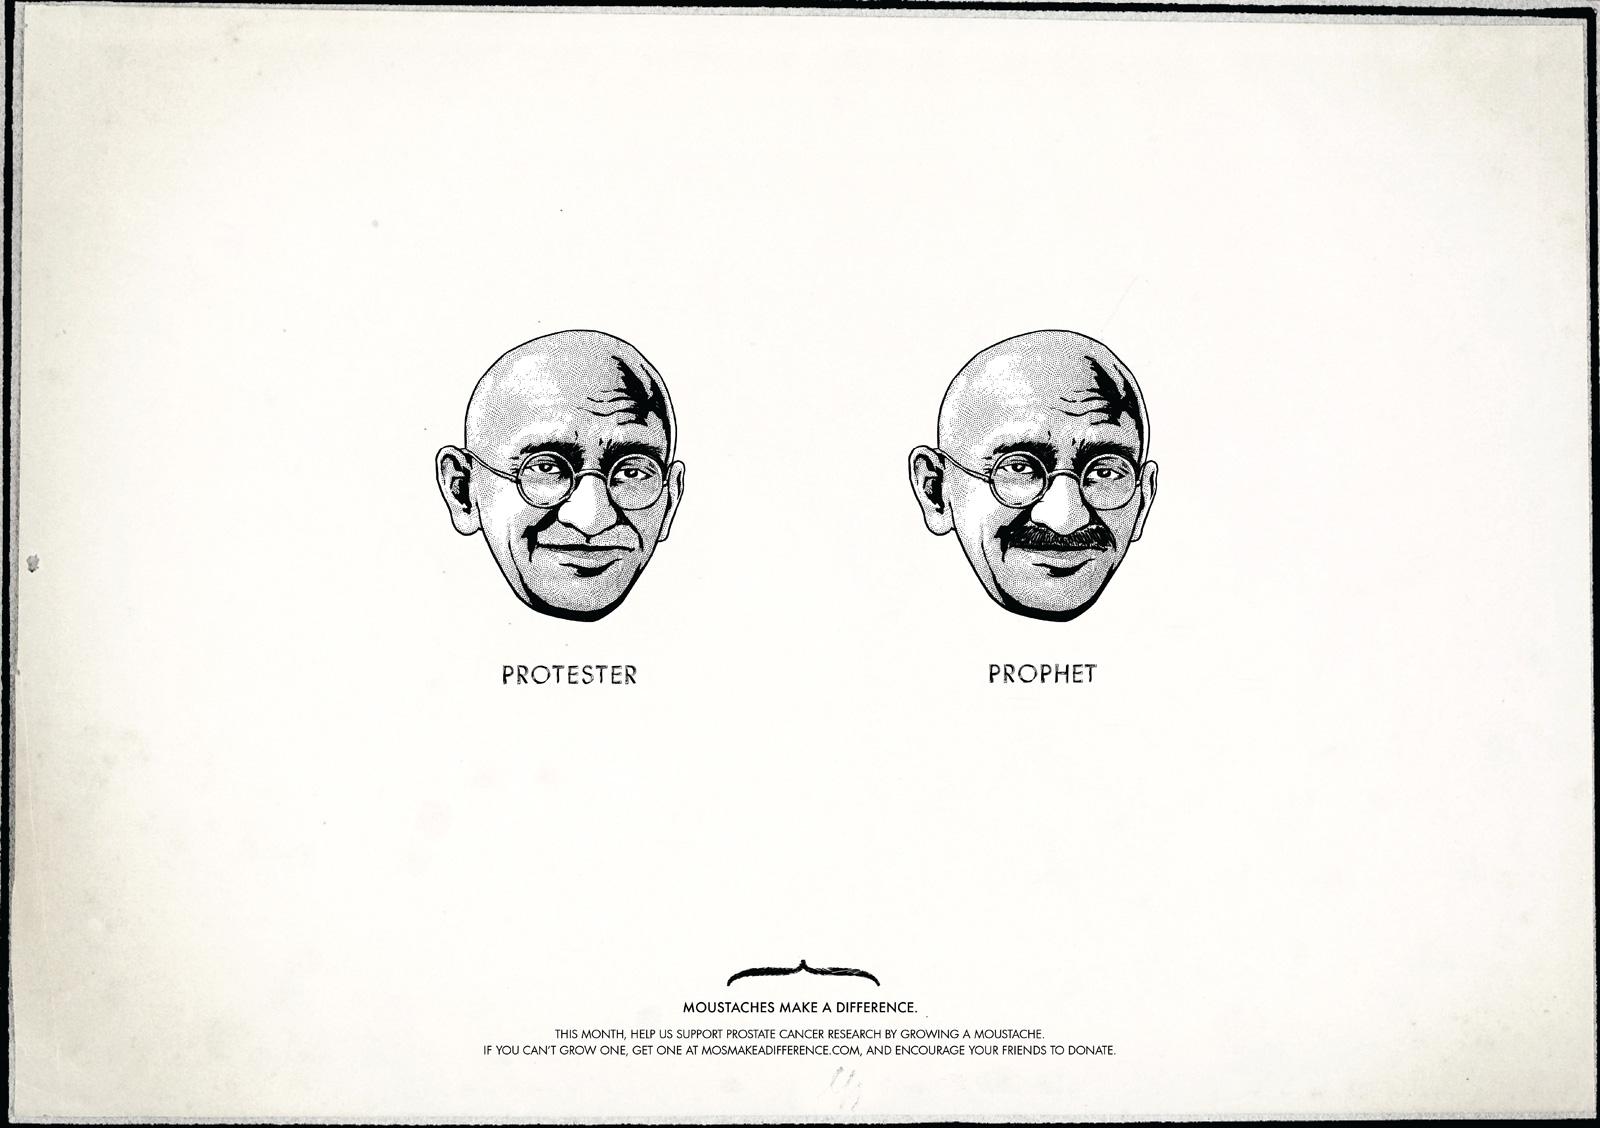 http://2.bp.blogspot.com/_42nL05s3A-8/TNnyXQyVVeI/AAAAAAAADBw/p08dU3igkYs/s1600/Moustaches-Make-A-Difference-ghandi.jpg